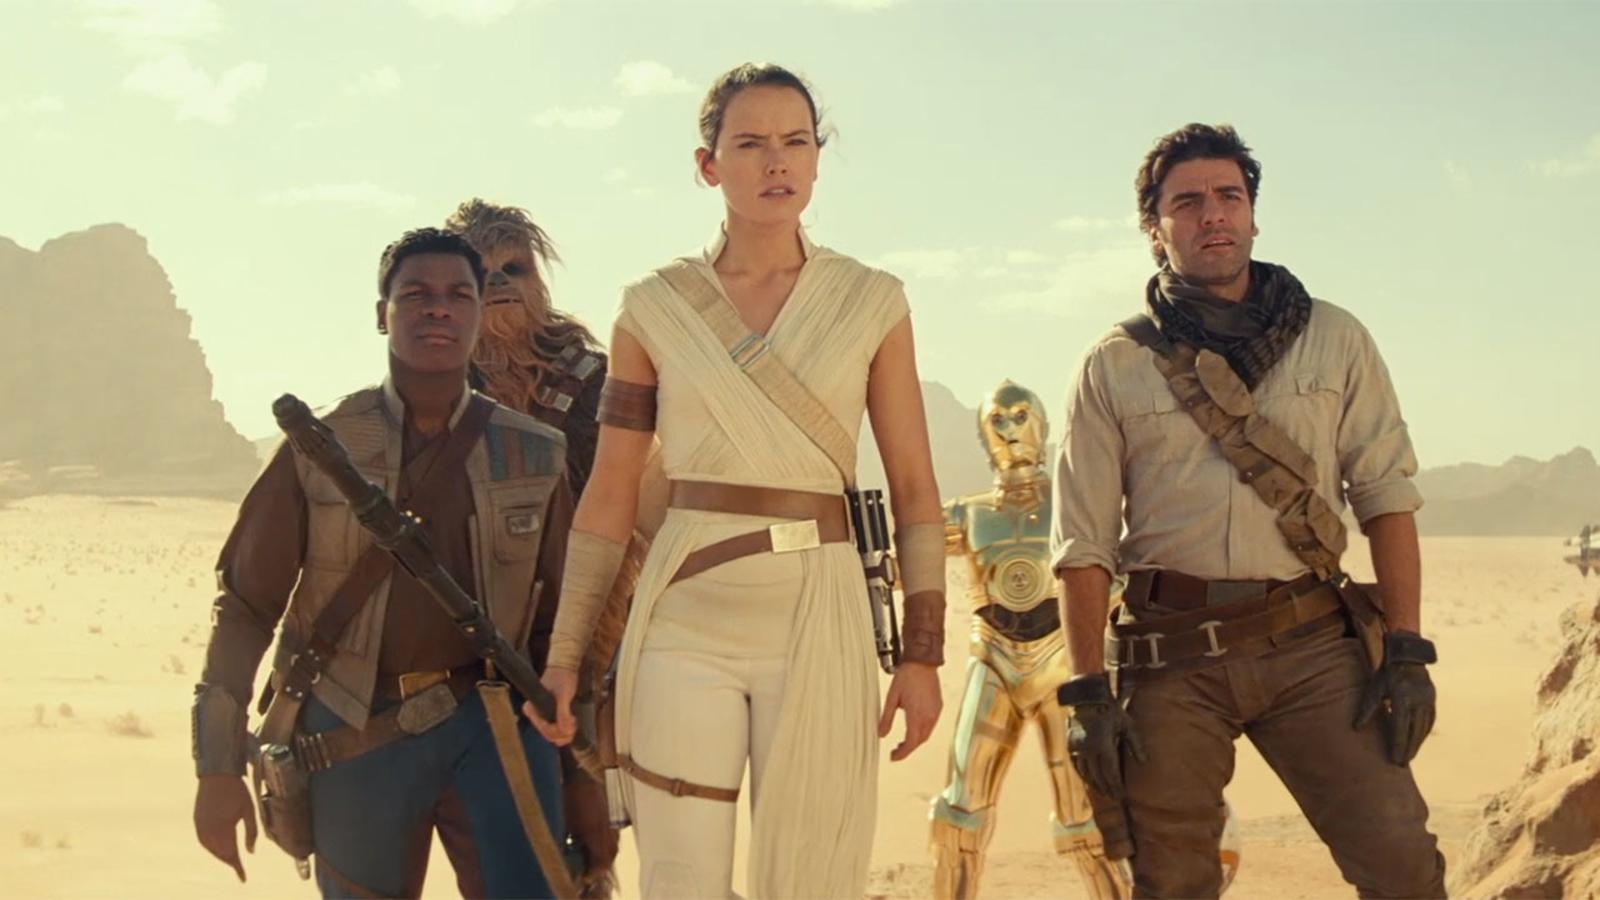 Star Wars Der Aufstieg Skywalkers (2019) Filmbild 1